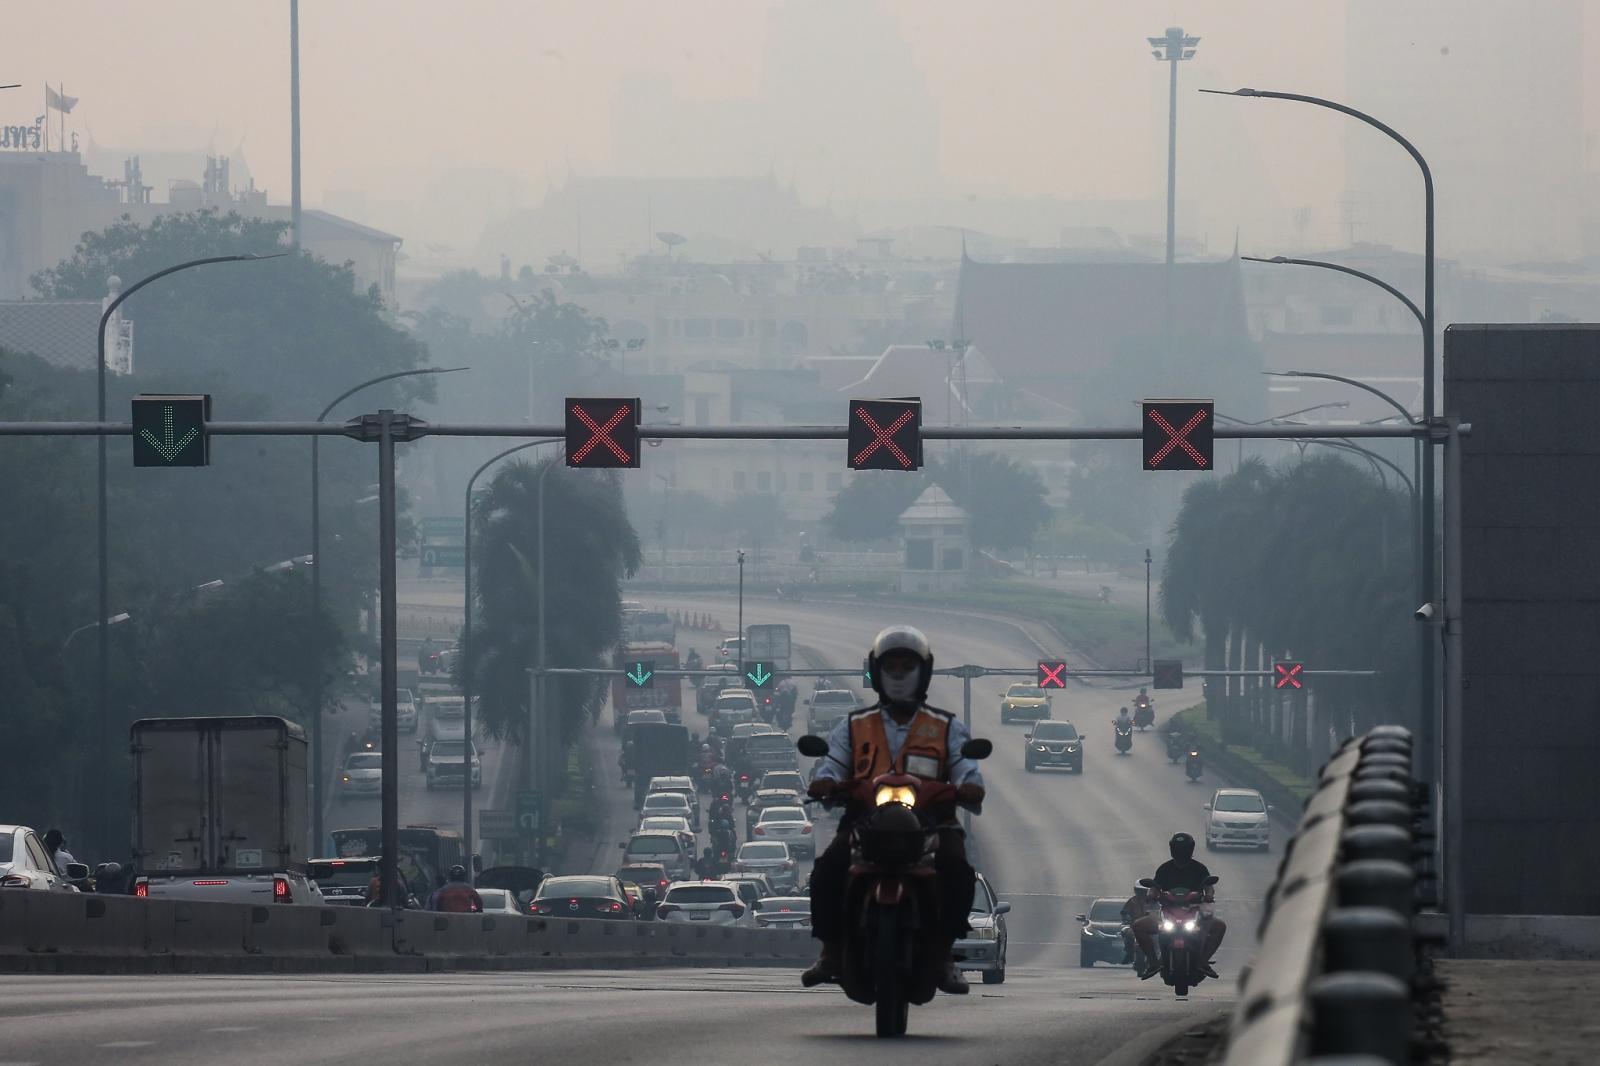 """สร้าง """"เมืองเดินได้-เมืองกระชับ"""" หนึ่งในทางรอด PM2.5"""